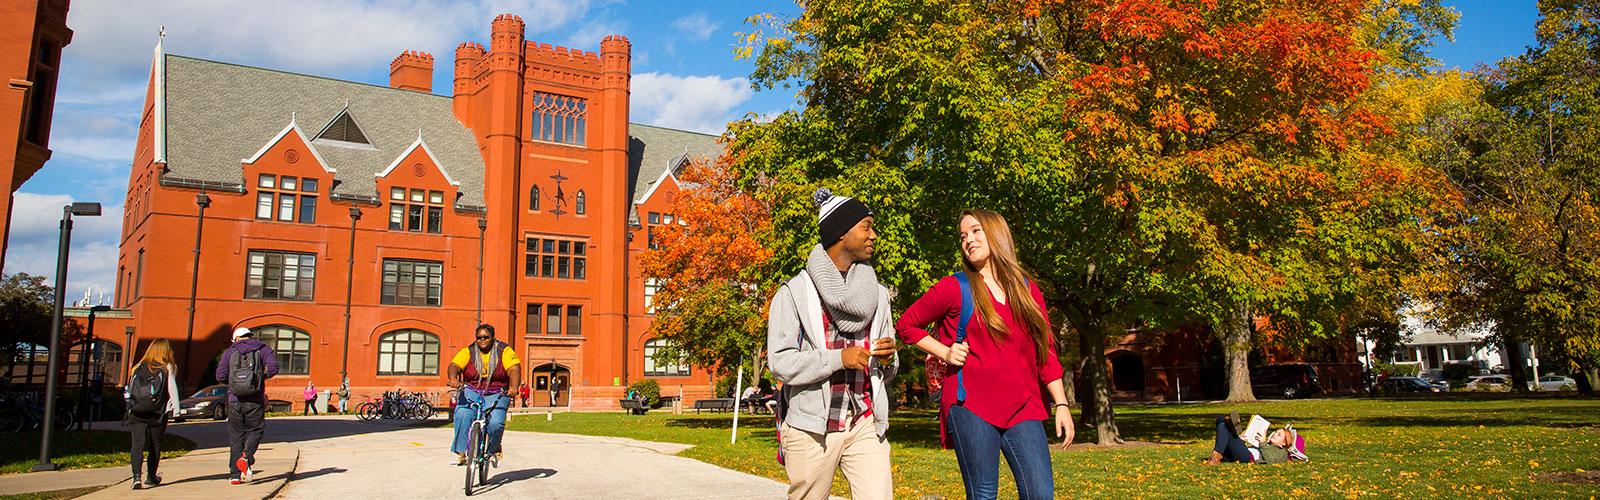 UWM students walking ouside